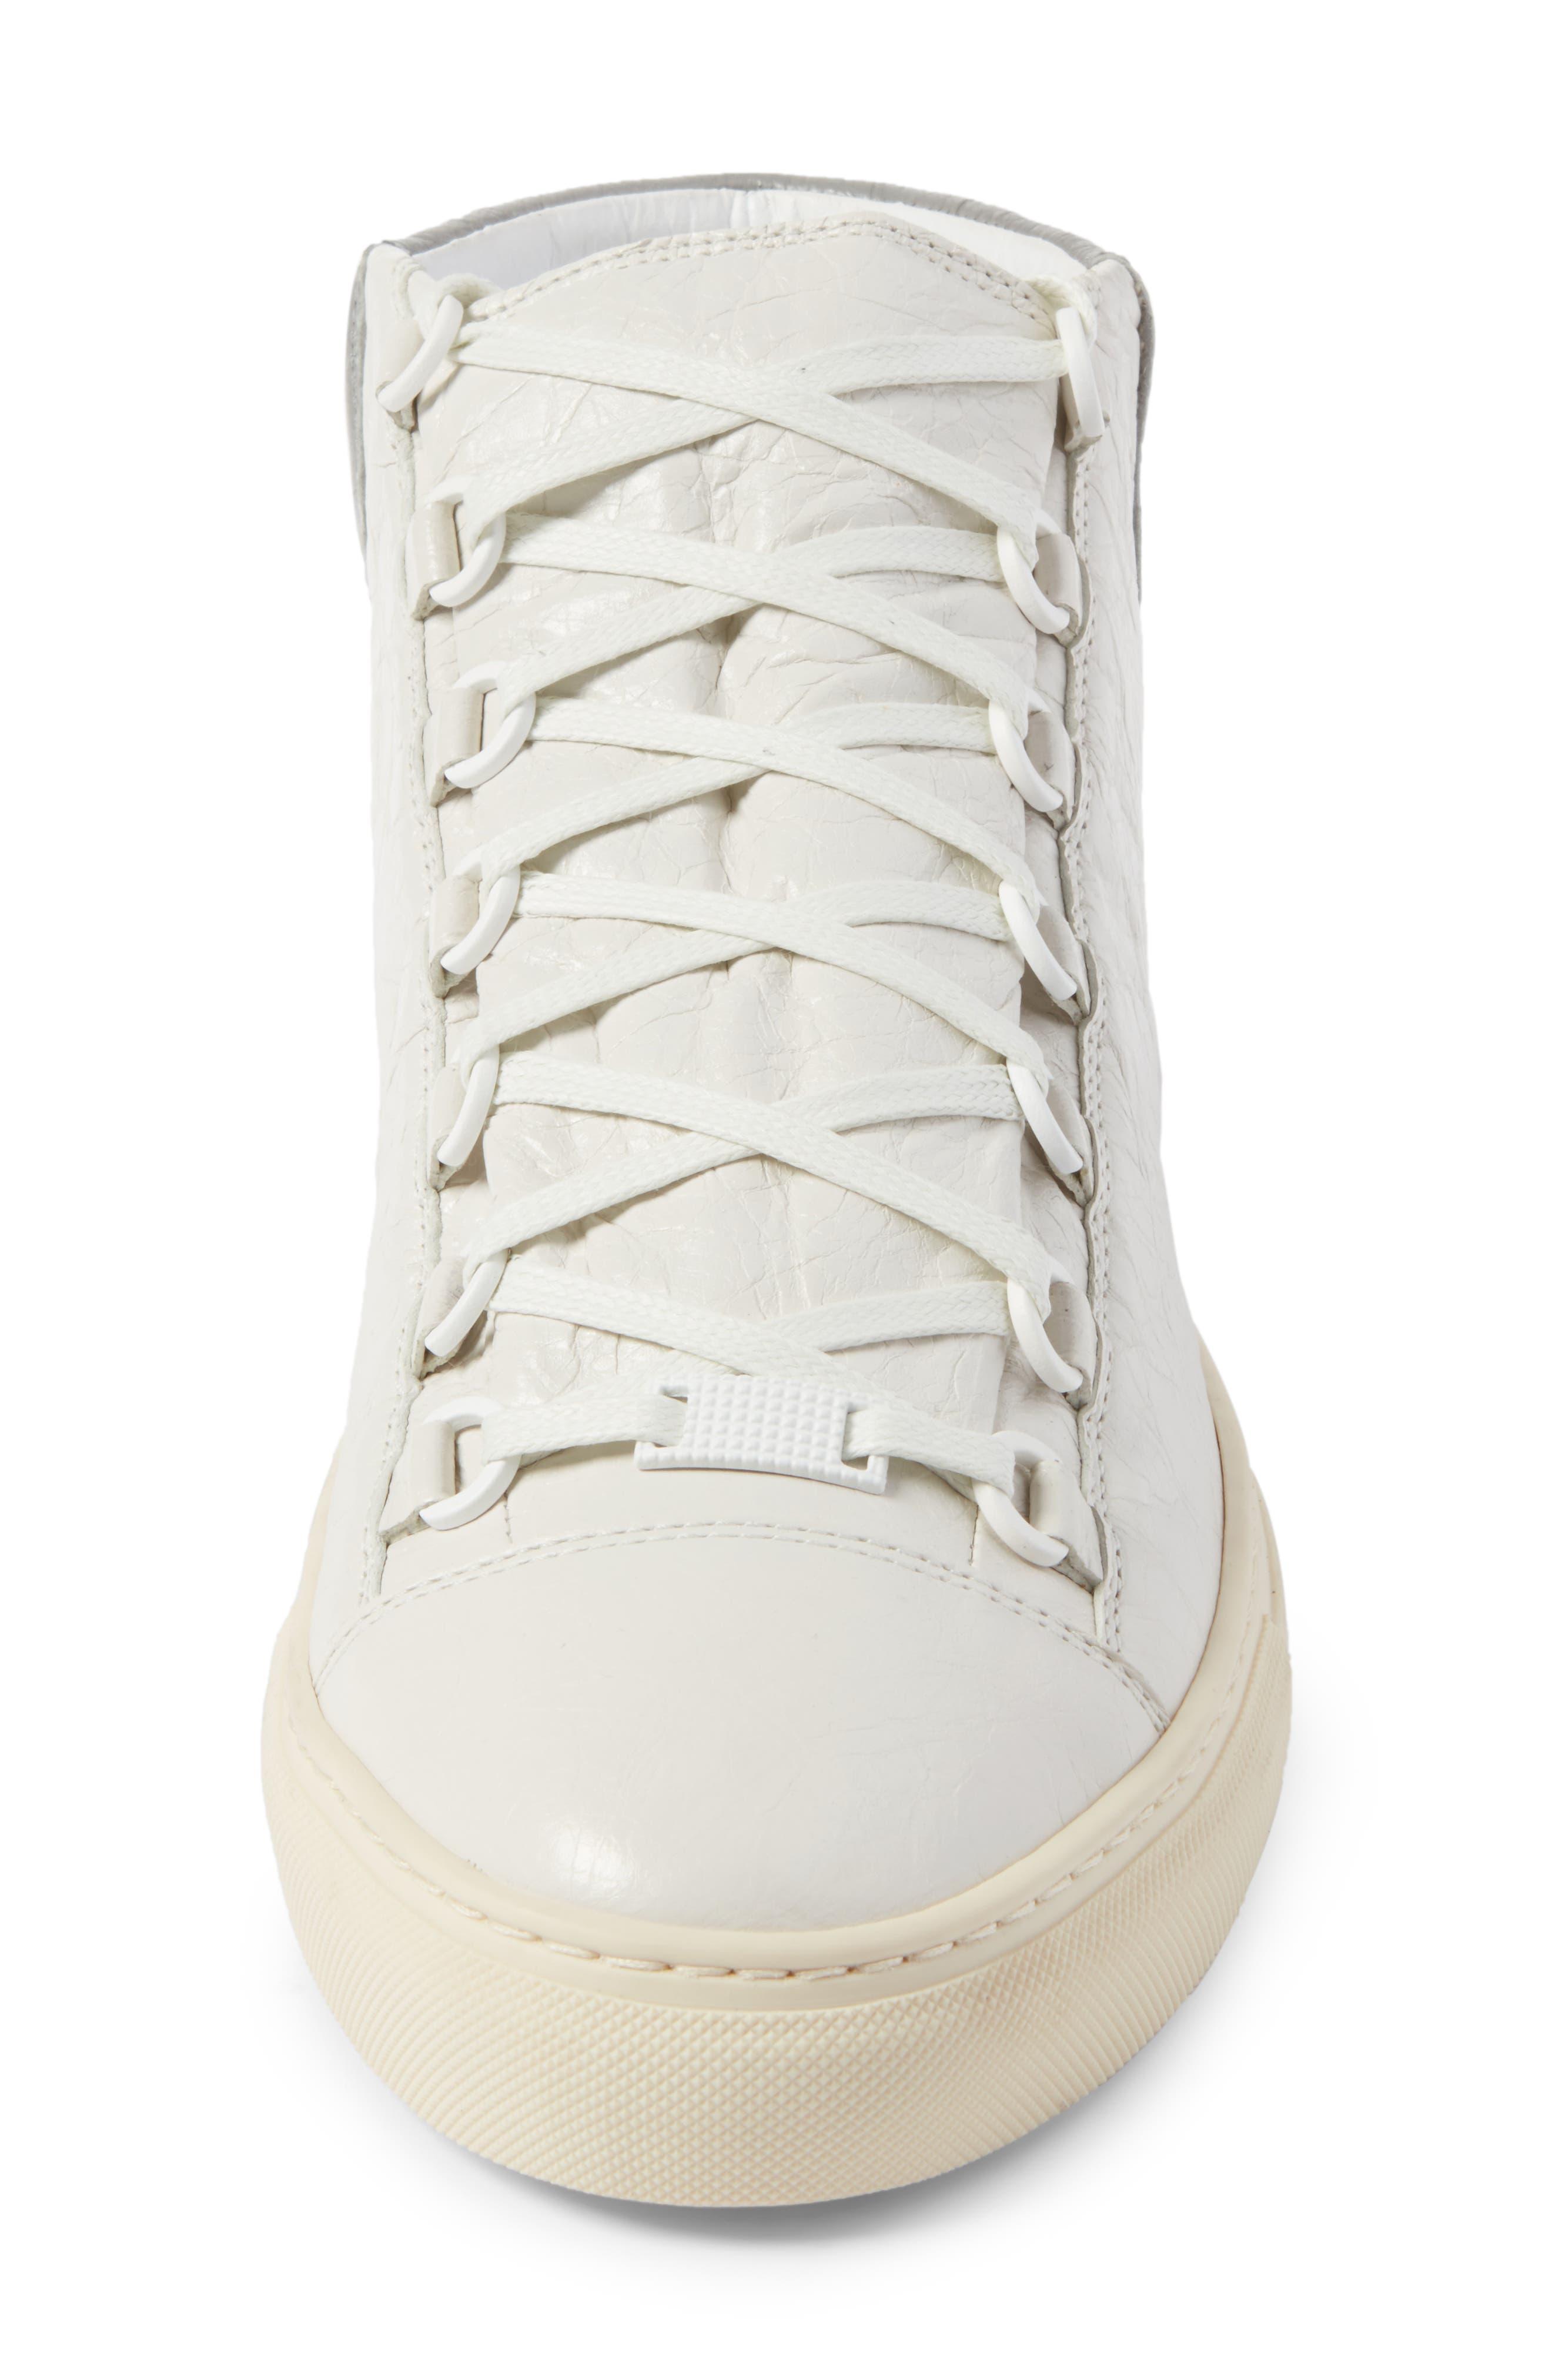 BALENCIAGA Men'S Arena Leather High-Top Sneaker, White